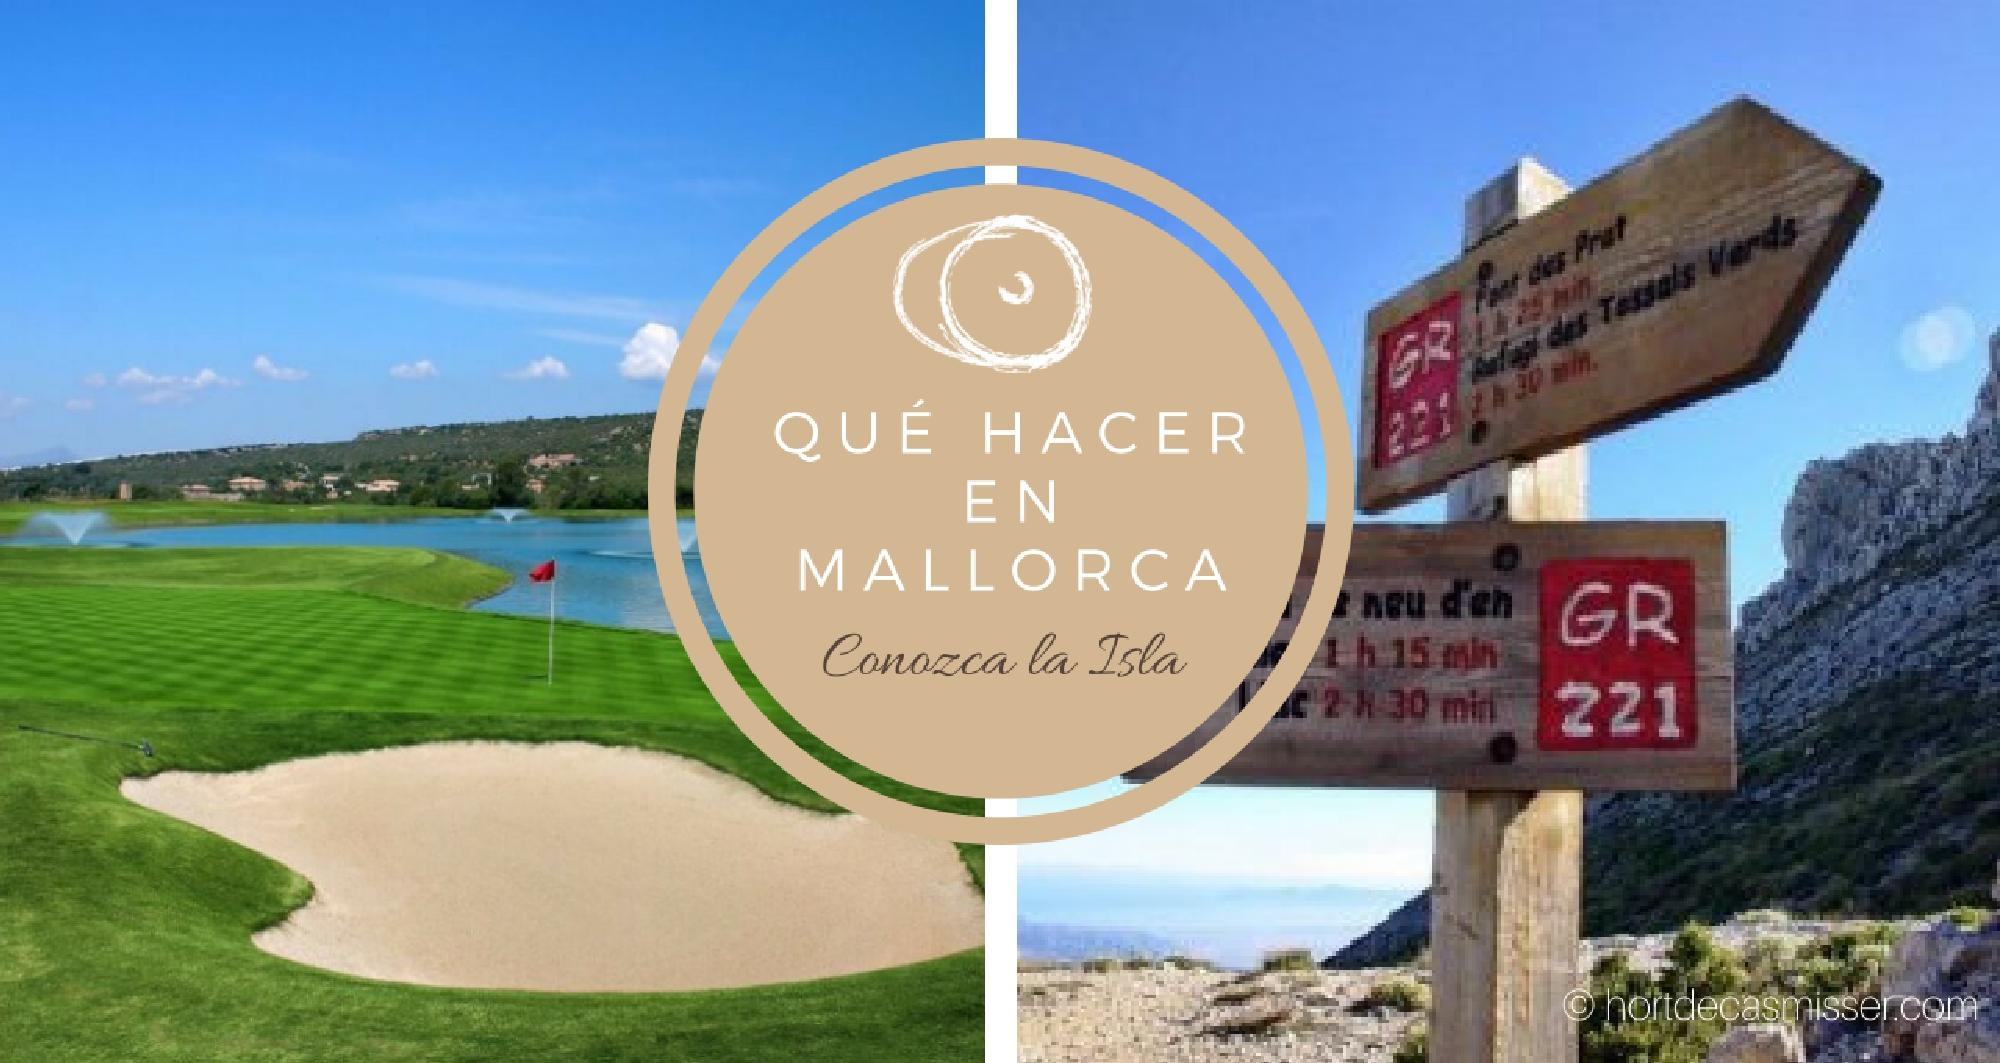 Blog - qué hacer en Mallorca hortdecasmisser